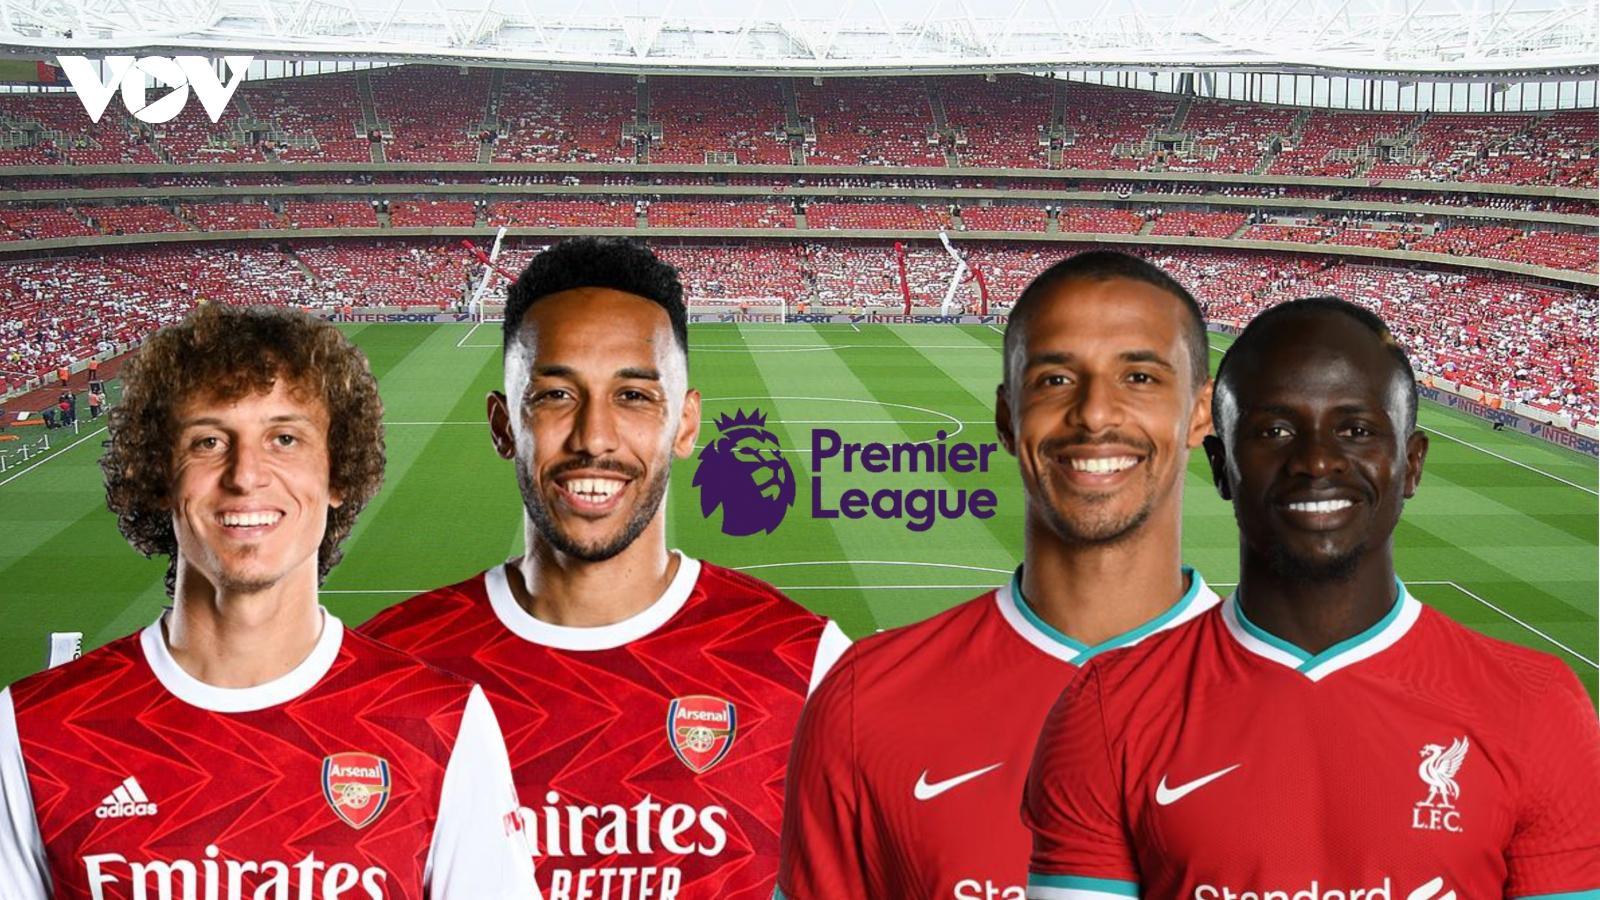 Dự đoán kết quả, đội hình xuất phát trận Arsenal - Liverpool